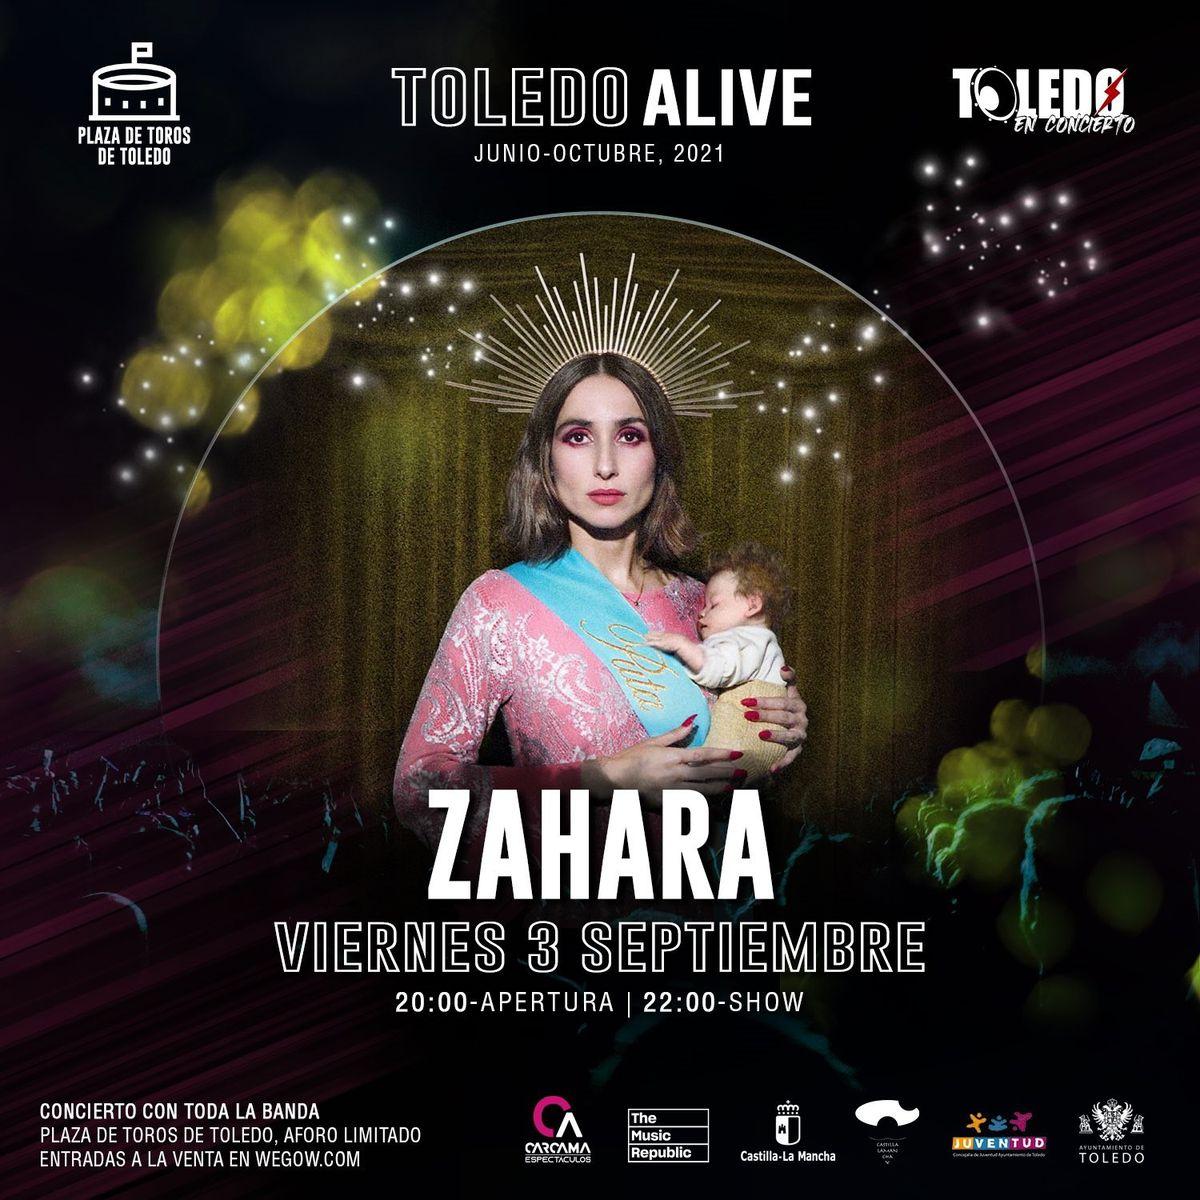 Músicos y políticos apoyan a Zahara después de que el Ayuntamiento de Toledo retirara el cartel de su concierto por presiones de Vox |  Cultura